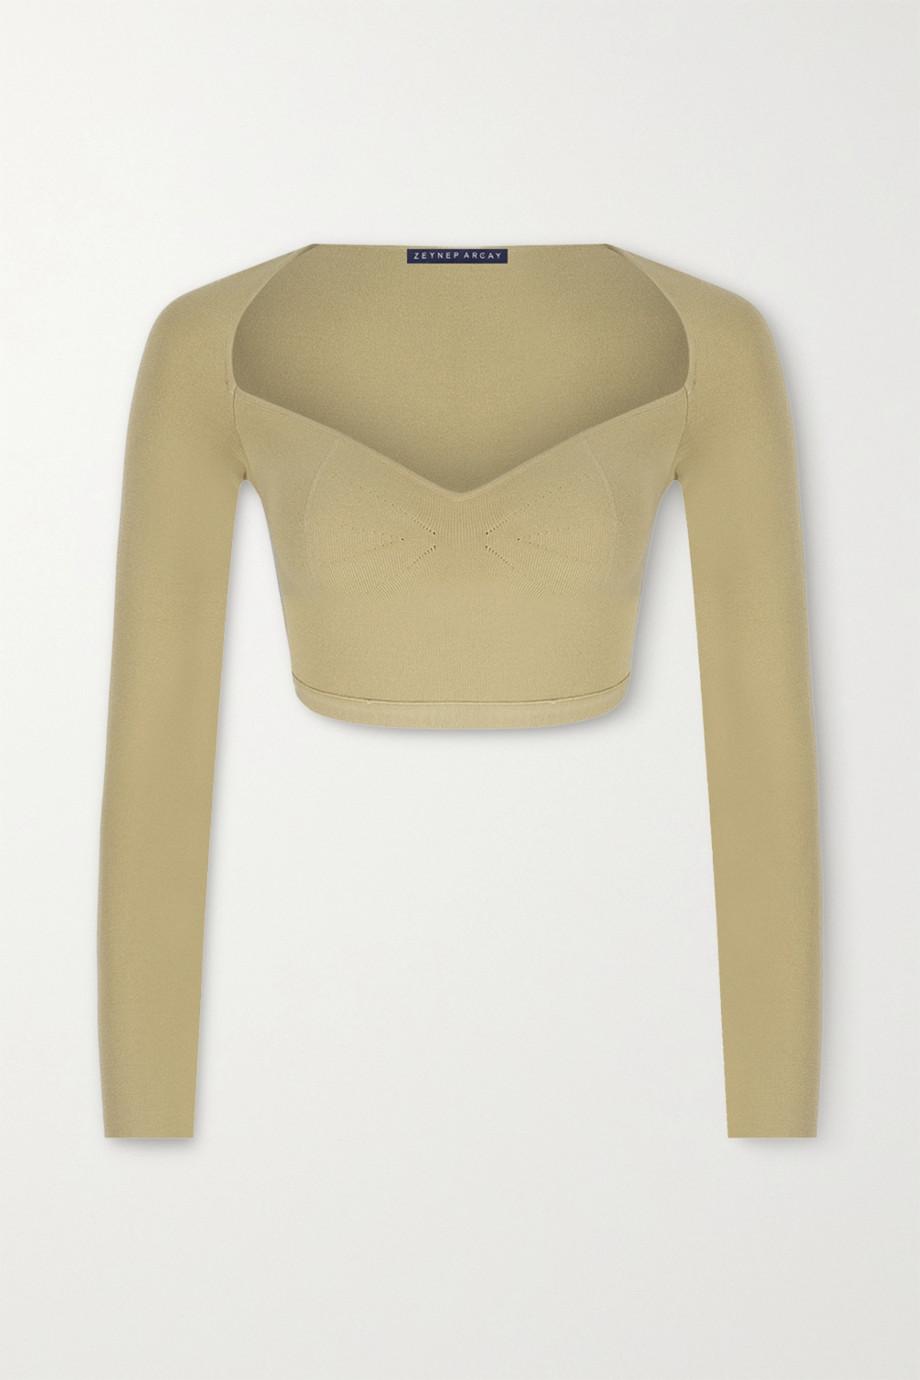 Zeynep Arcay Cropped stretch-knit top